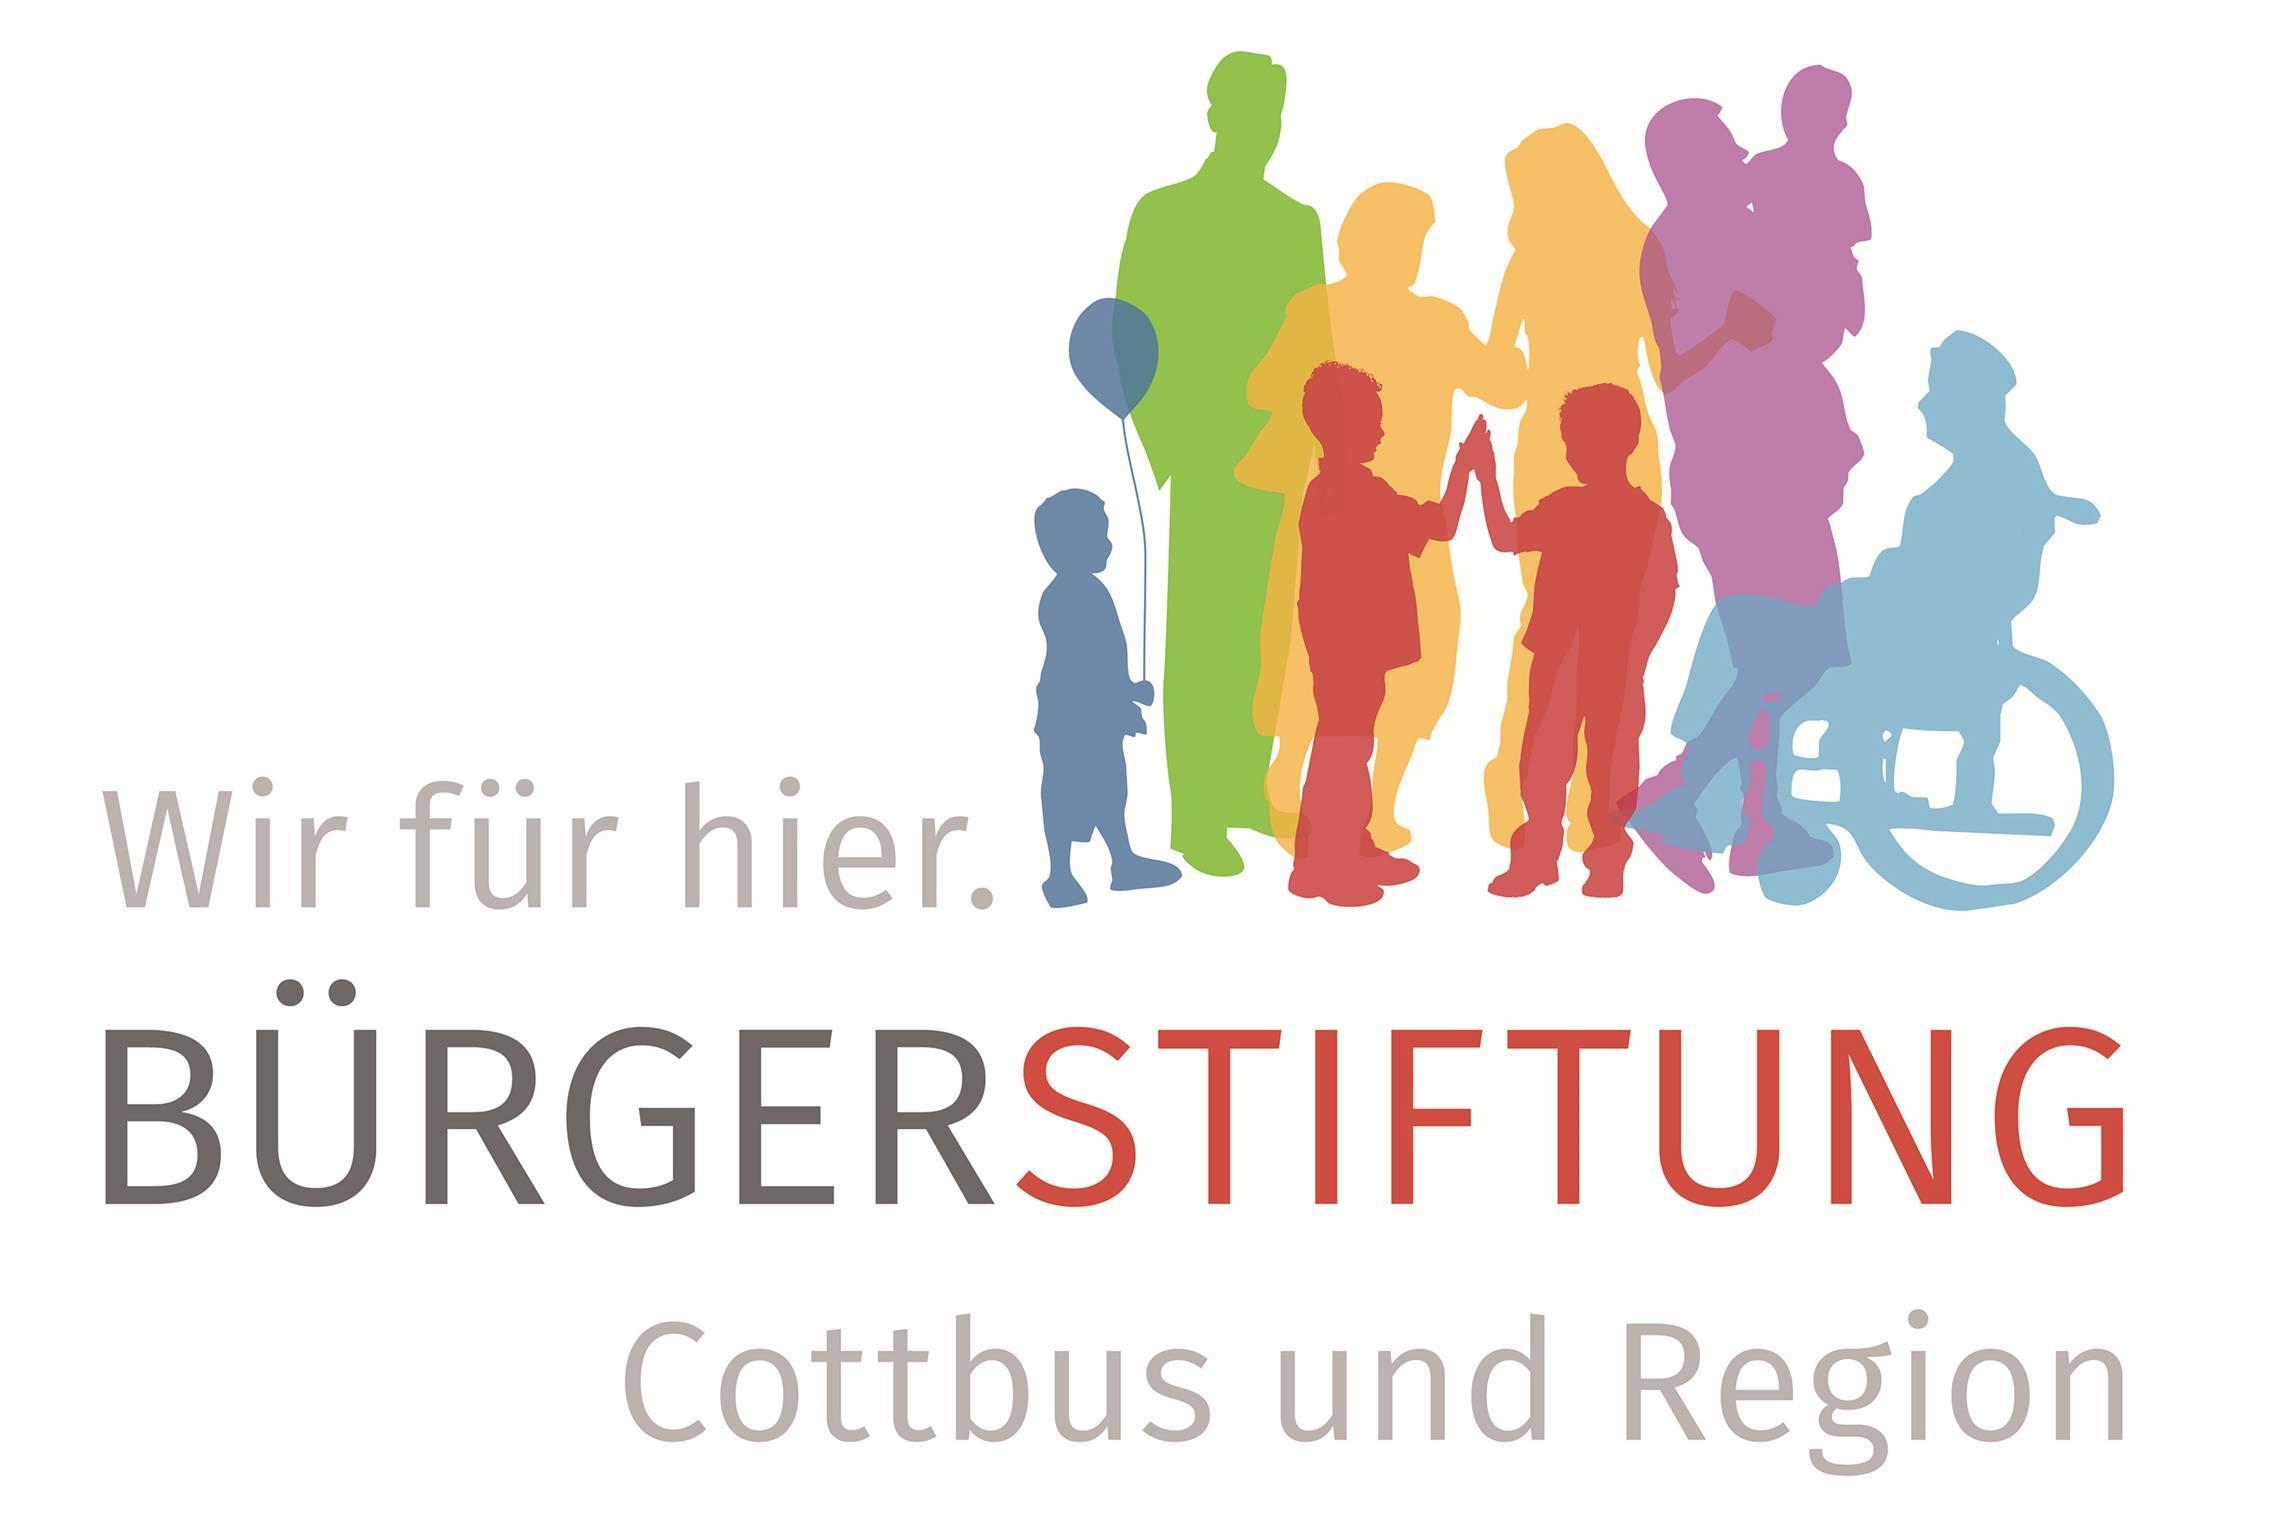 Bürgerstiftung Cottbus und Region